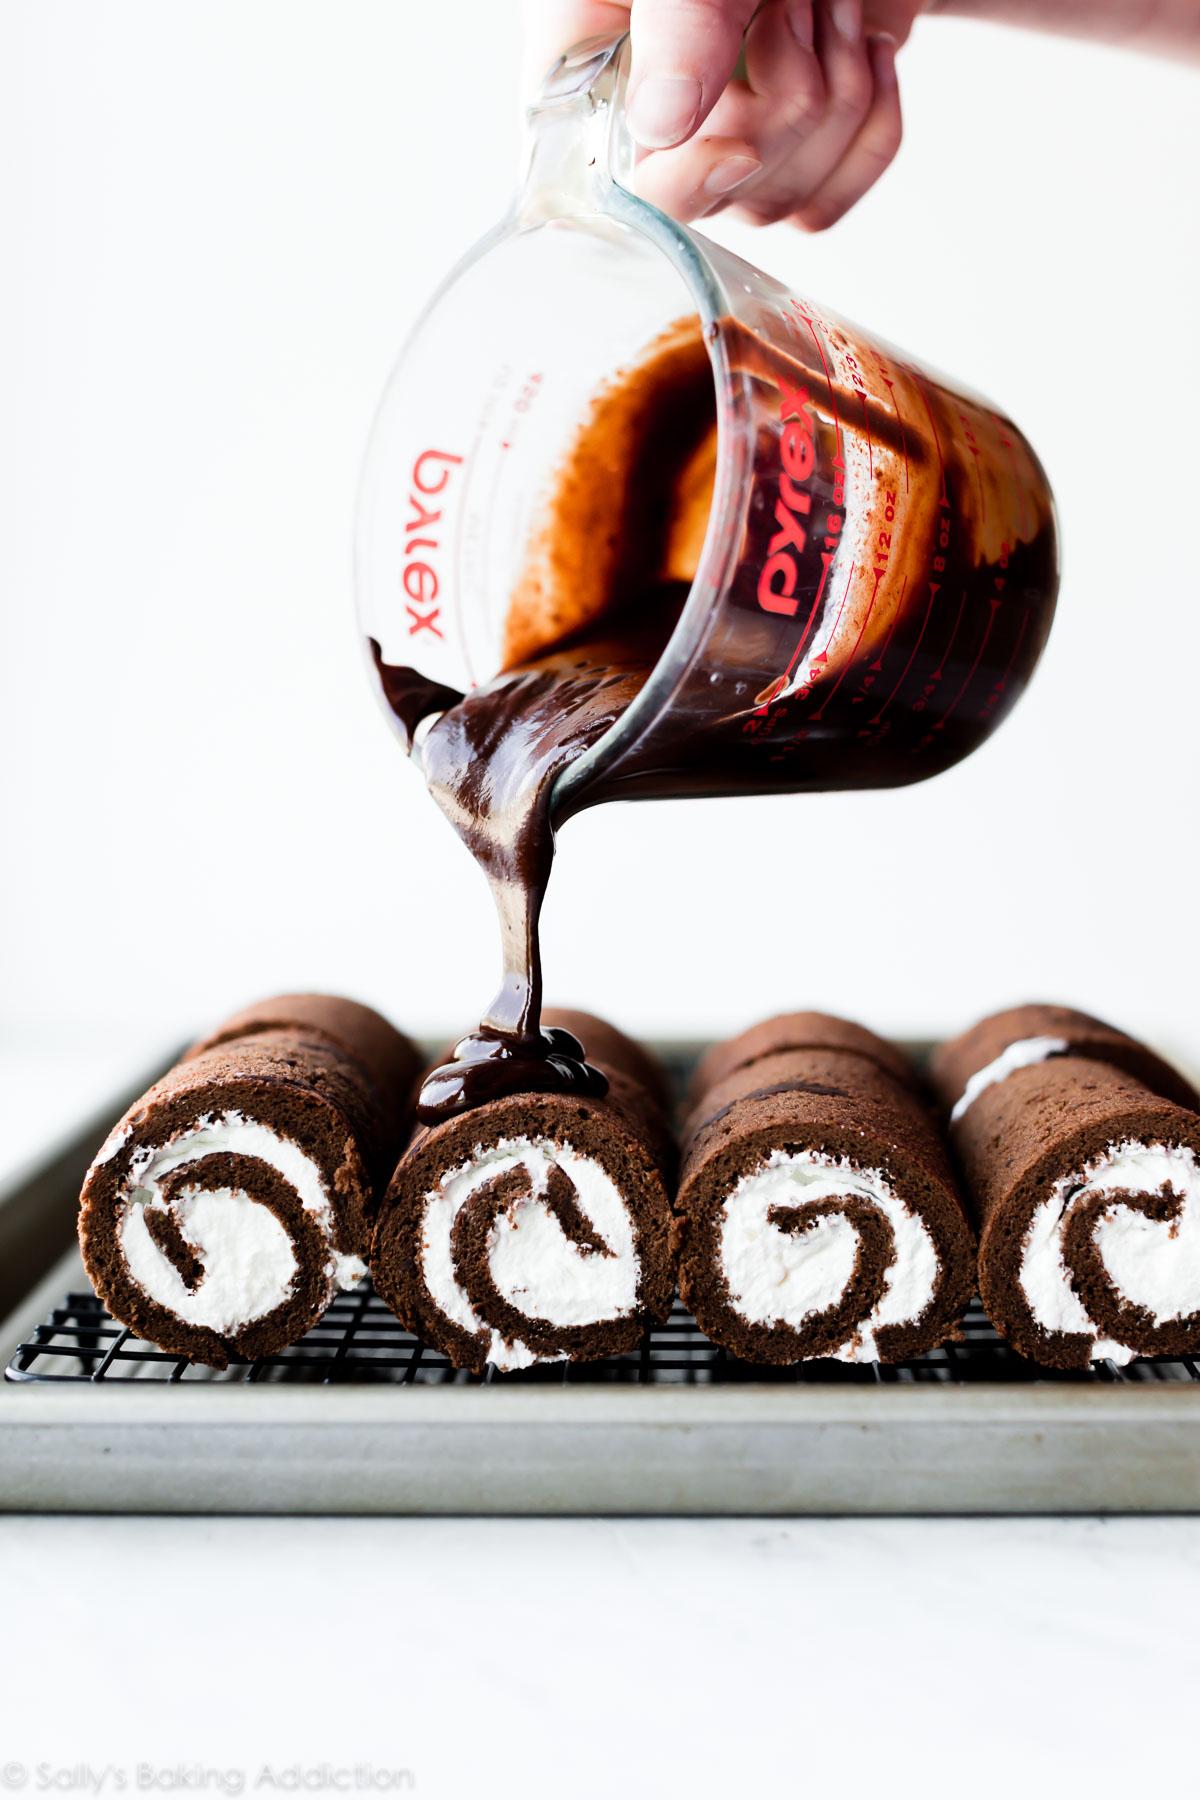 Verser la ganache au chocolat sur des mini-gâteaux suisses au chocolat